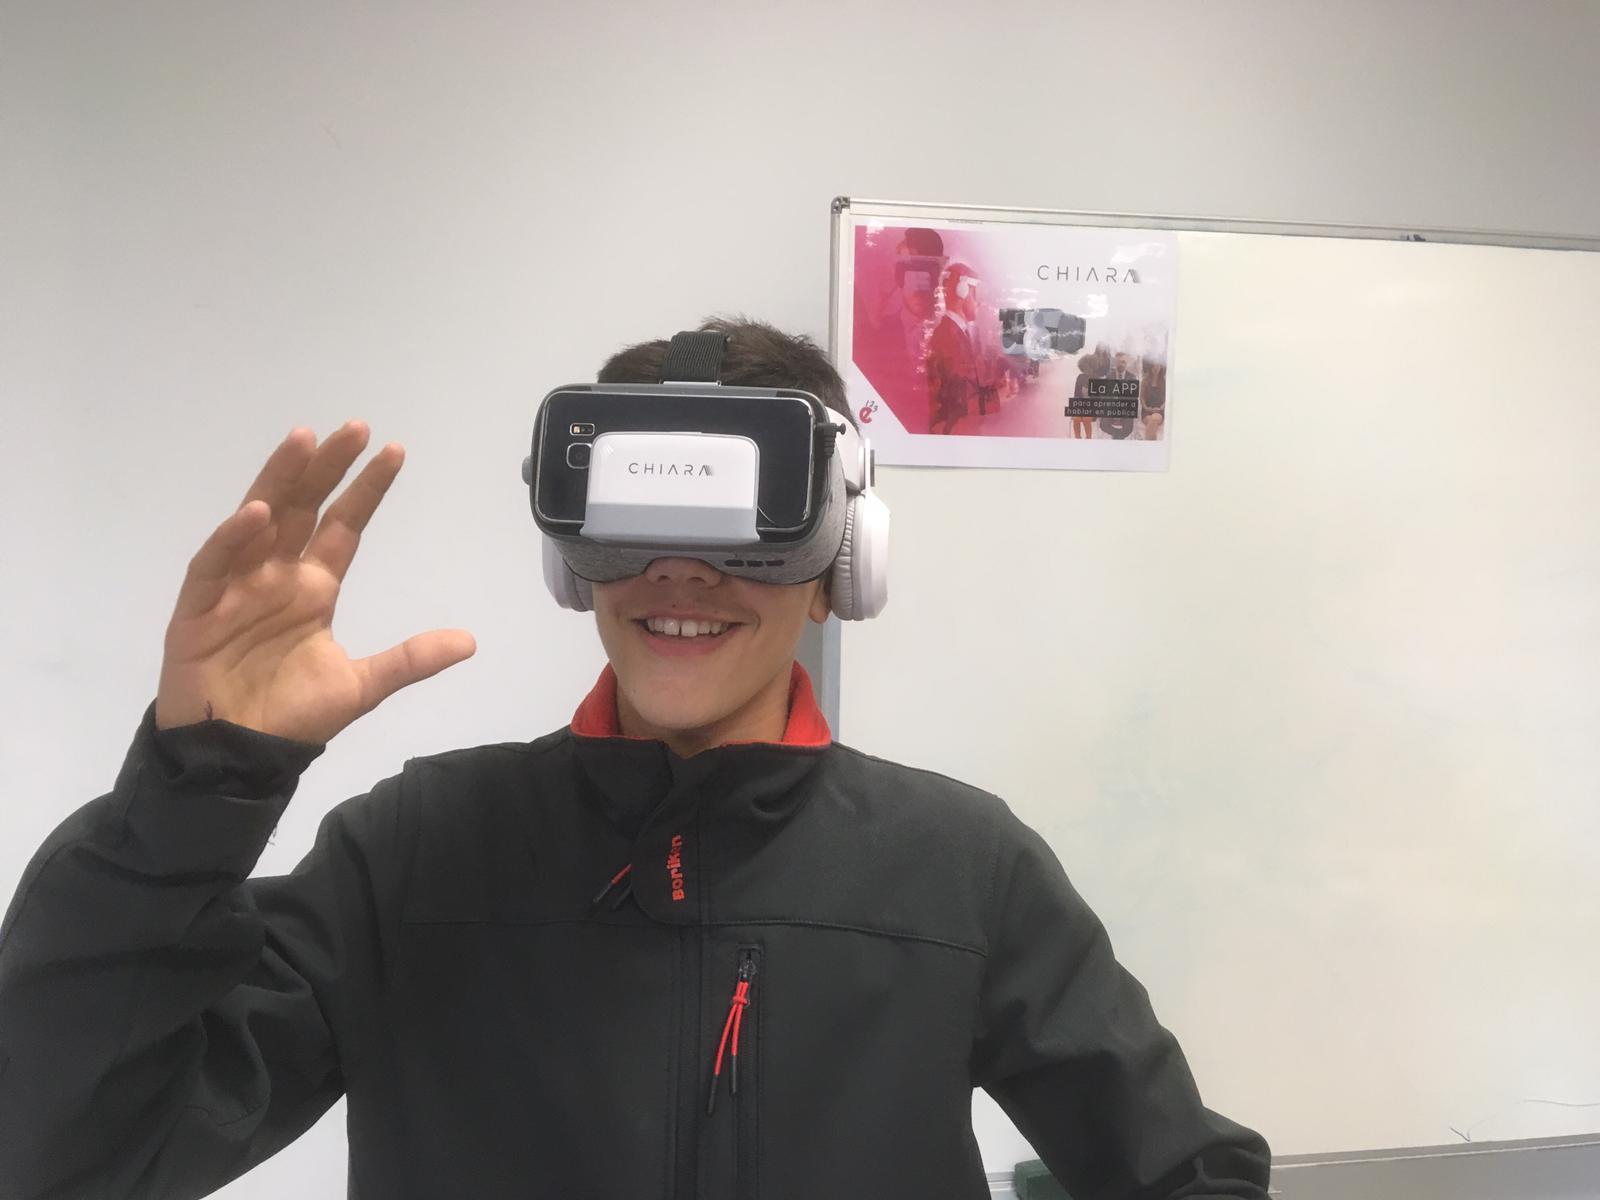 Chiara ofrece la realidad virtual para aprender a hablar en público